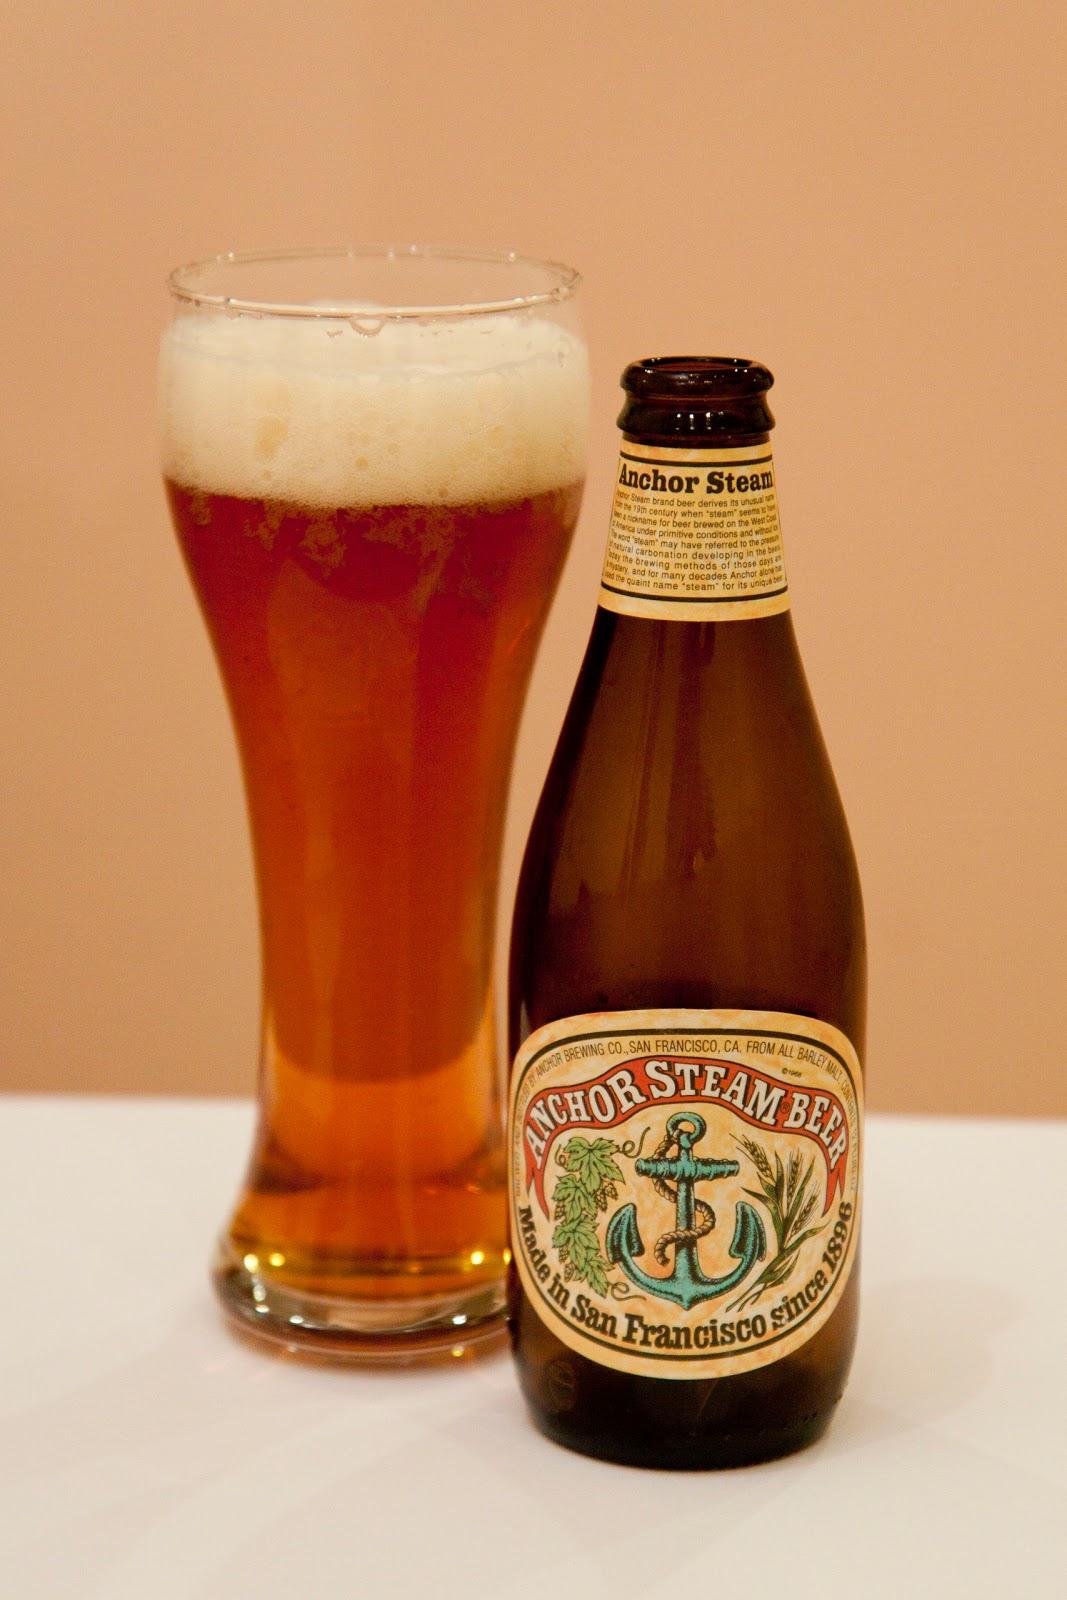 Pivo, pivo, pivo...: februar 2012